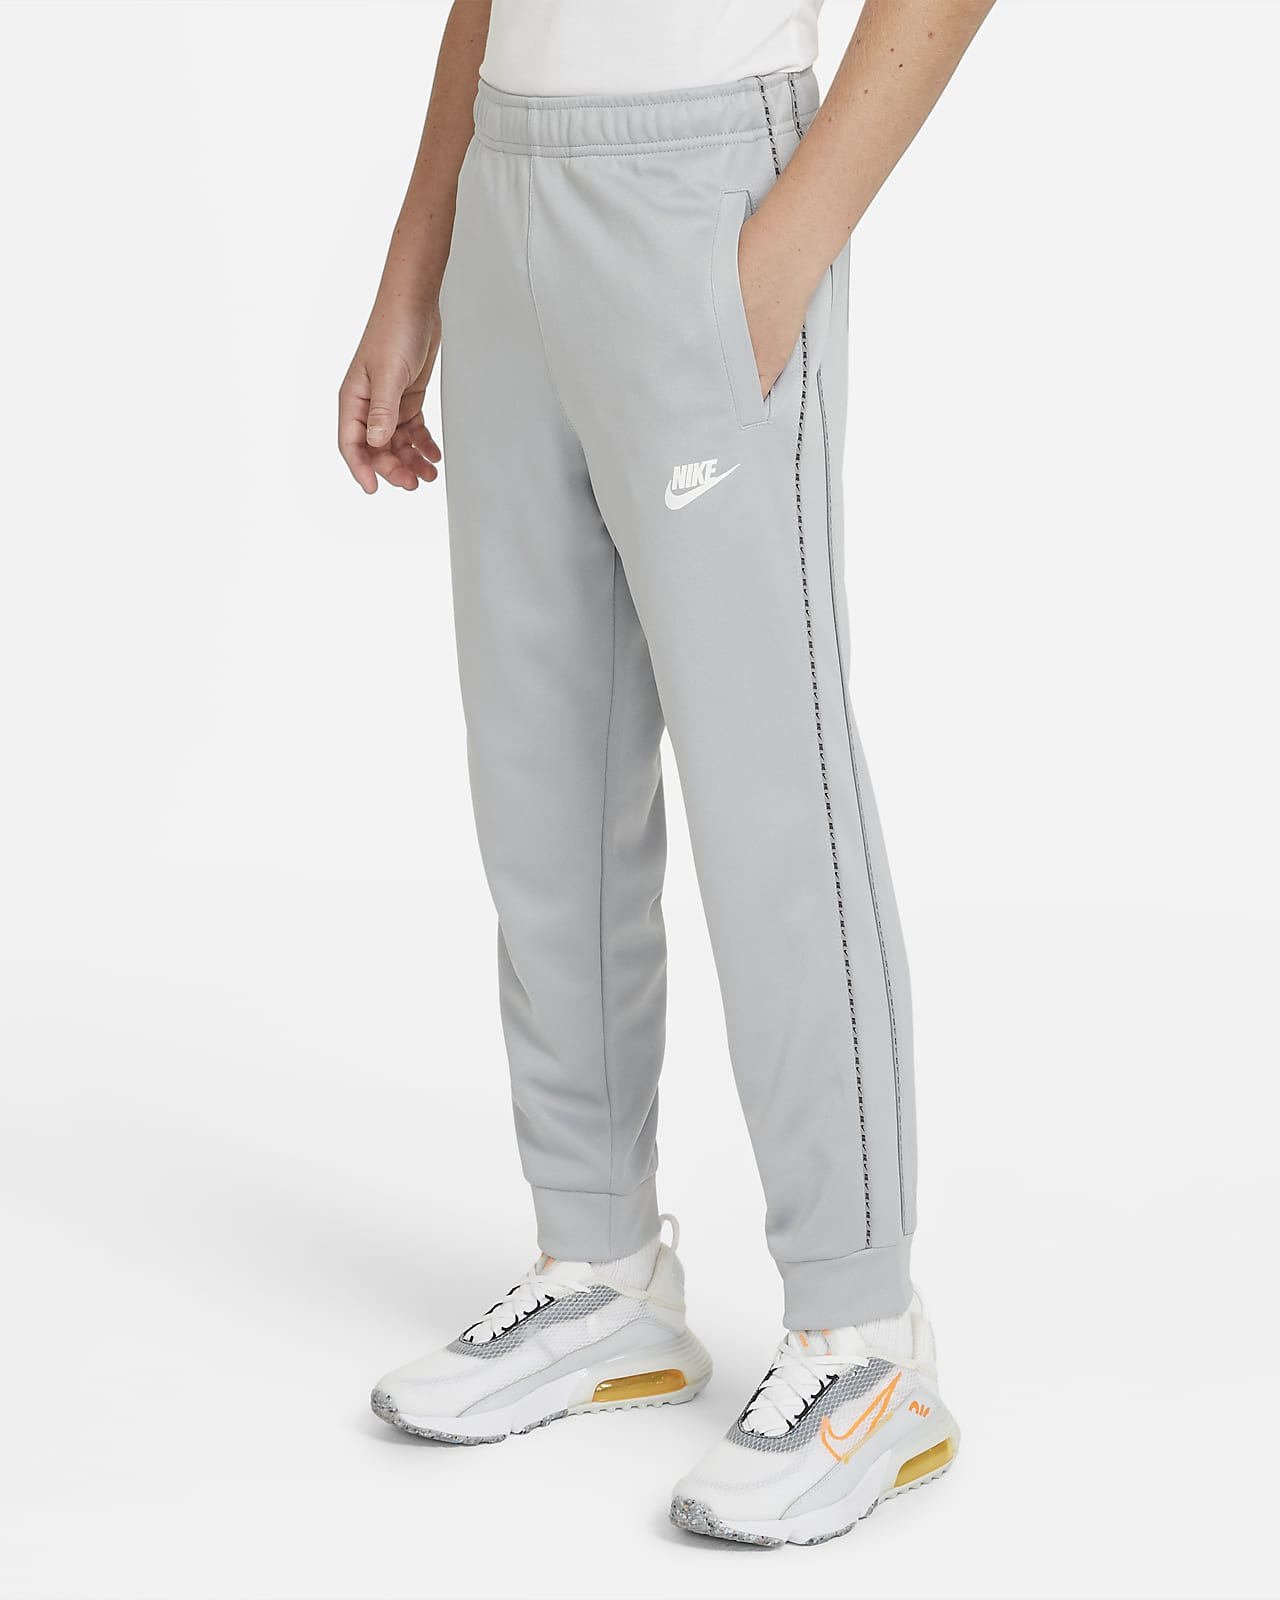 Calças de jogging Nike Sportswear Júnior (Rapaz)